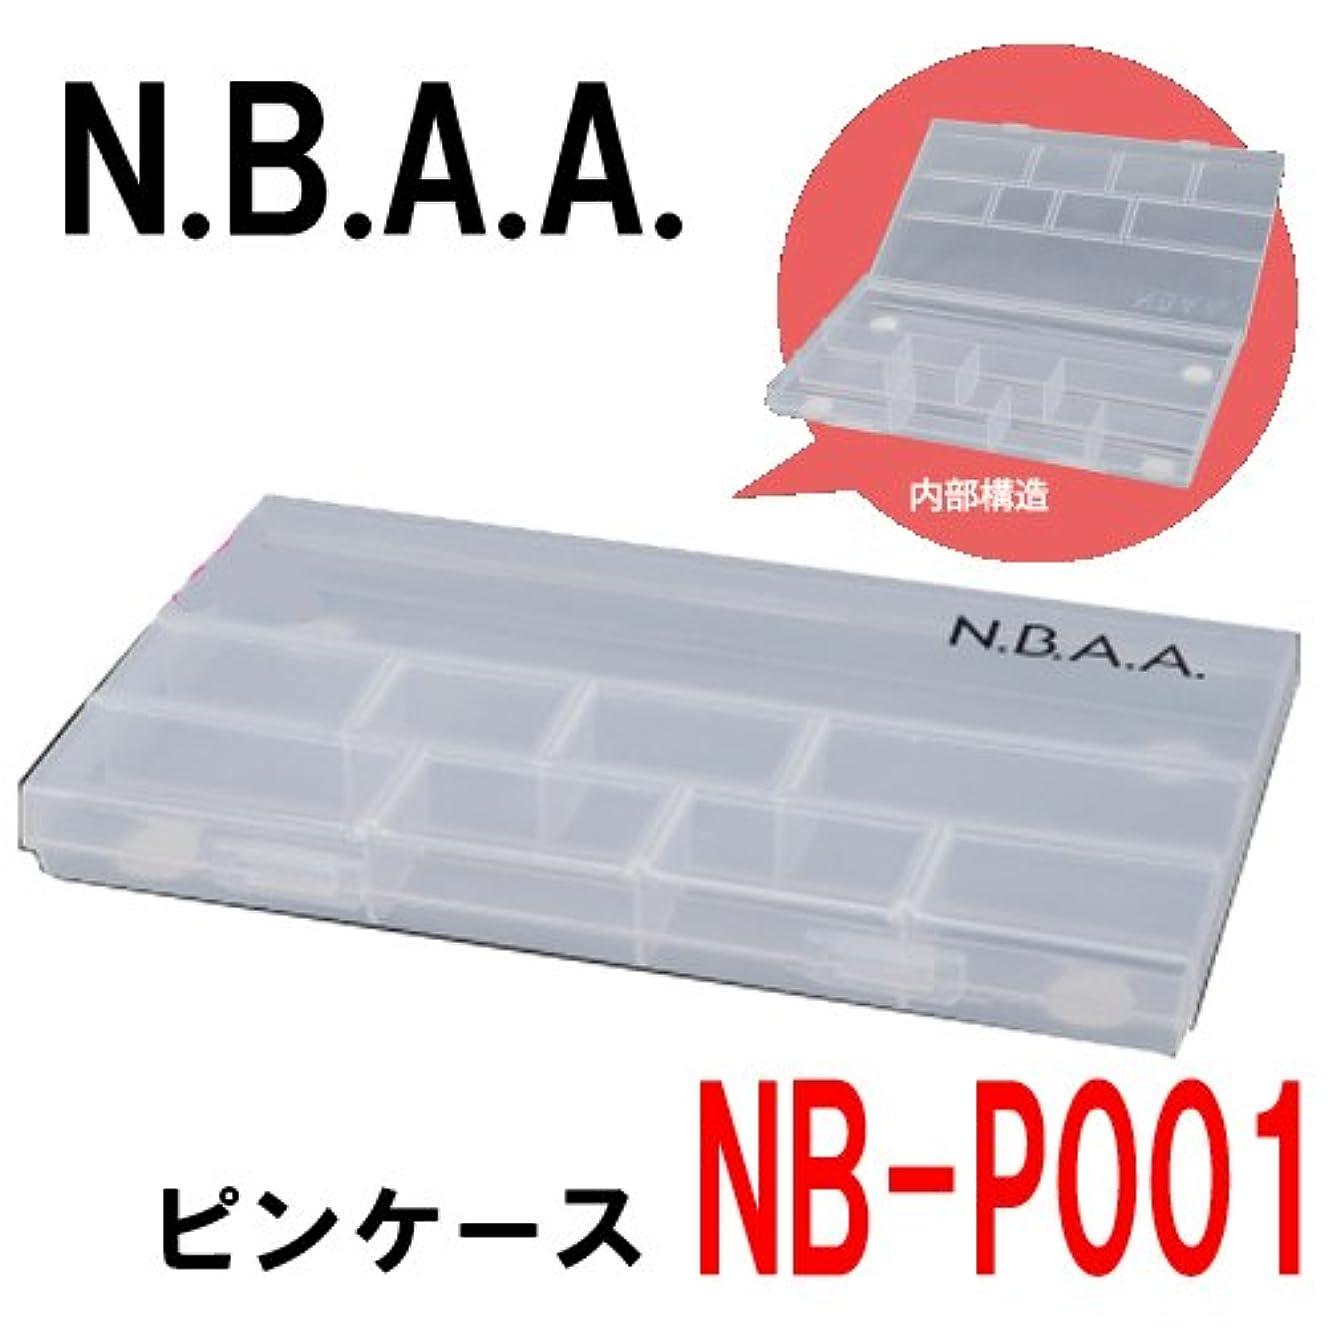 皮肉な頭痛福祉N.B.A.A. NB-P001 ピンケース